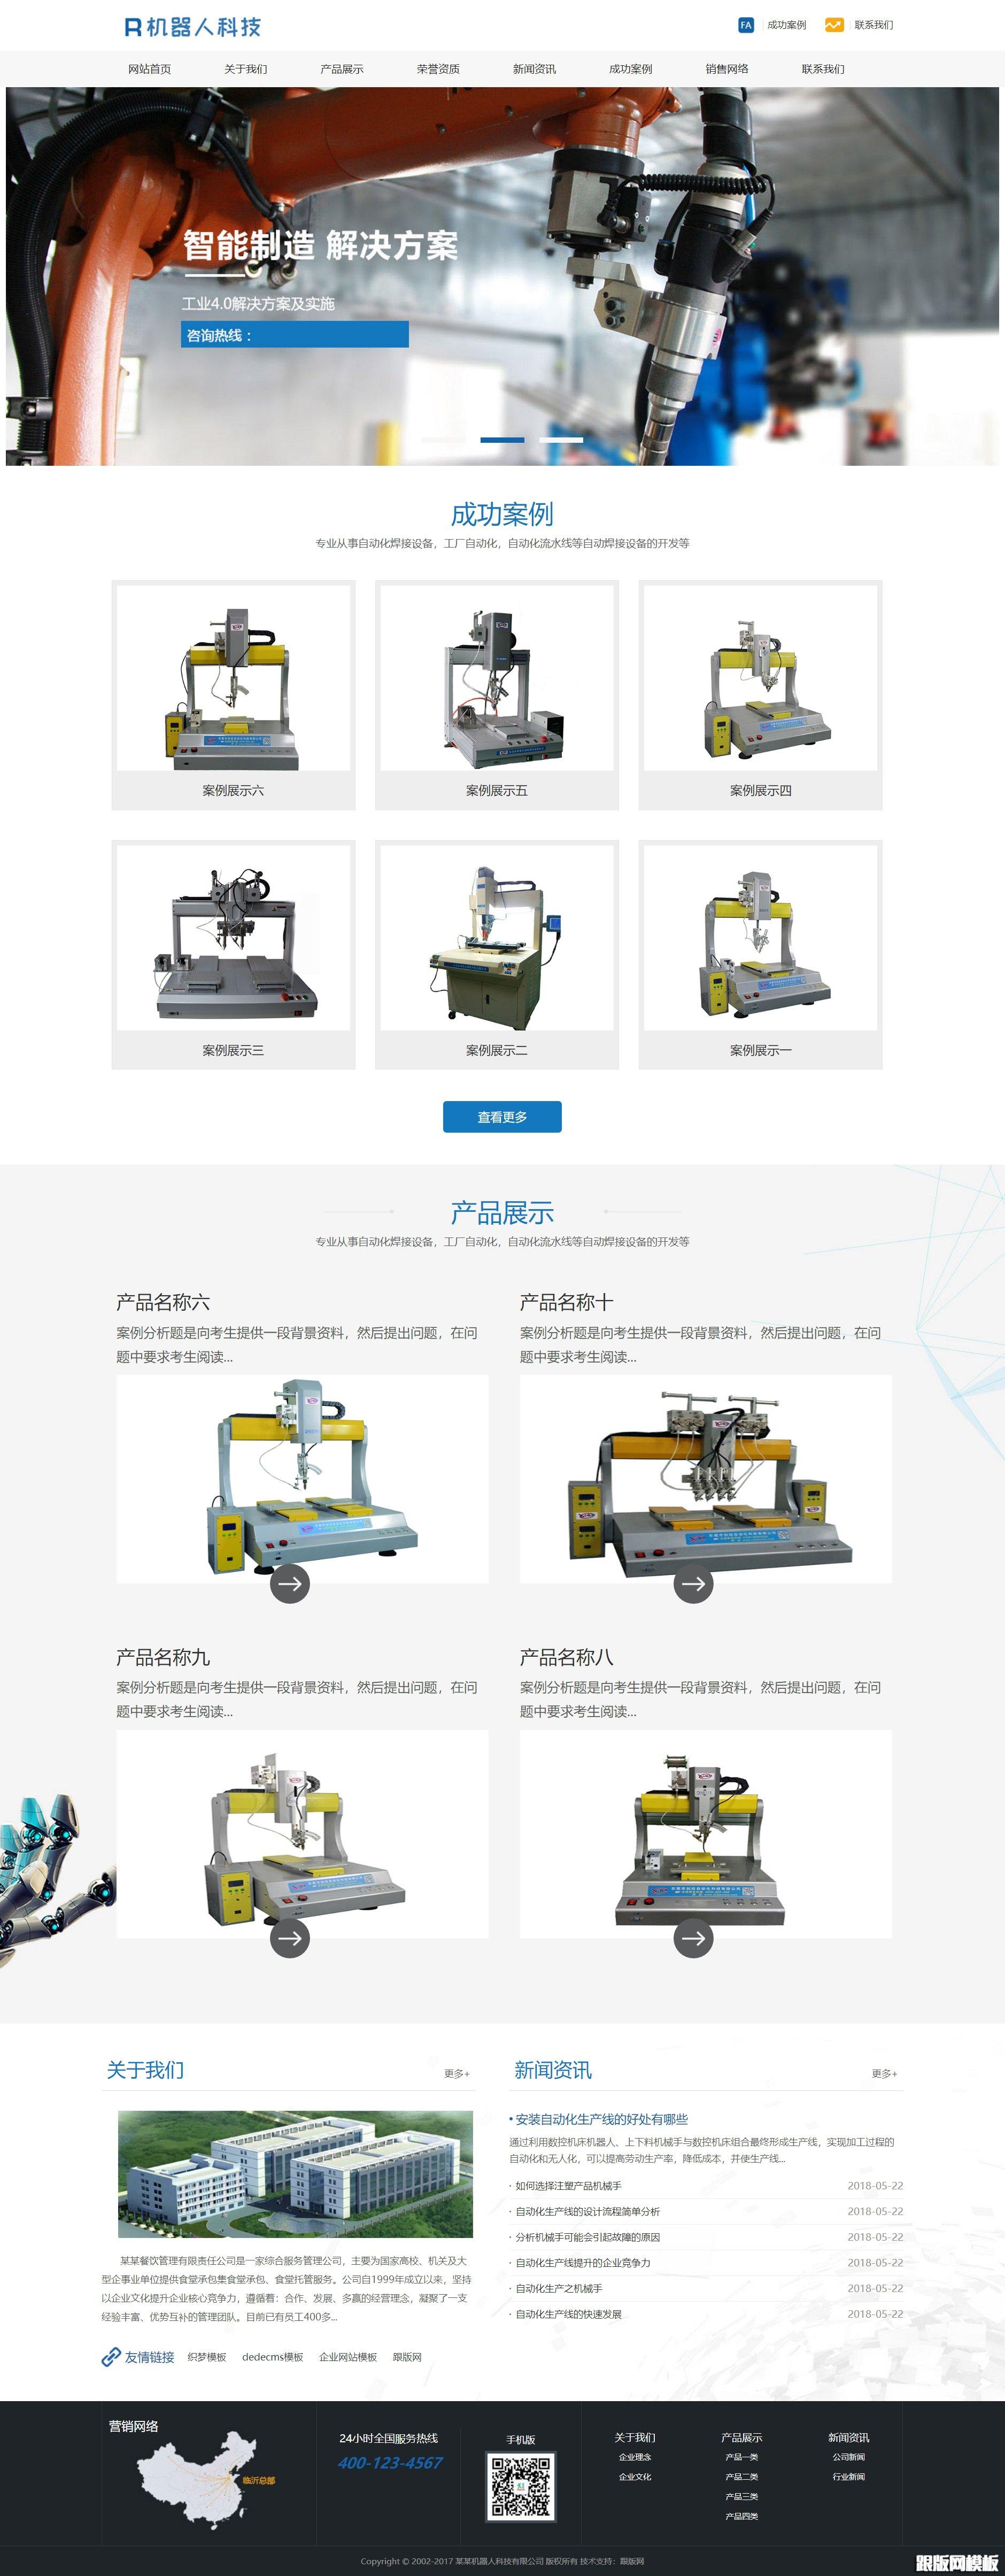 自动化机器人科技类网站源码(带手机端) 科技公司官网展示网站源码